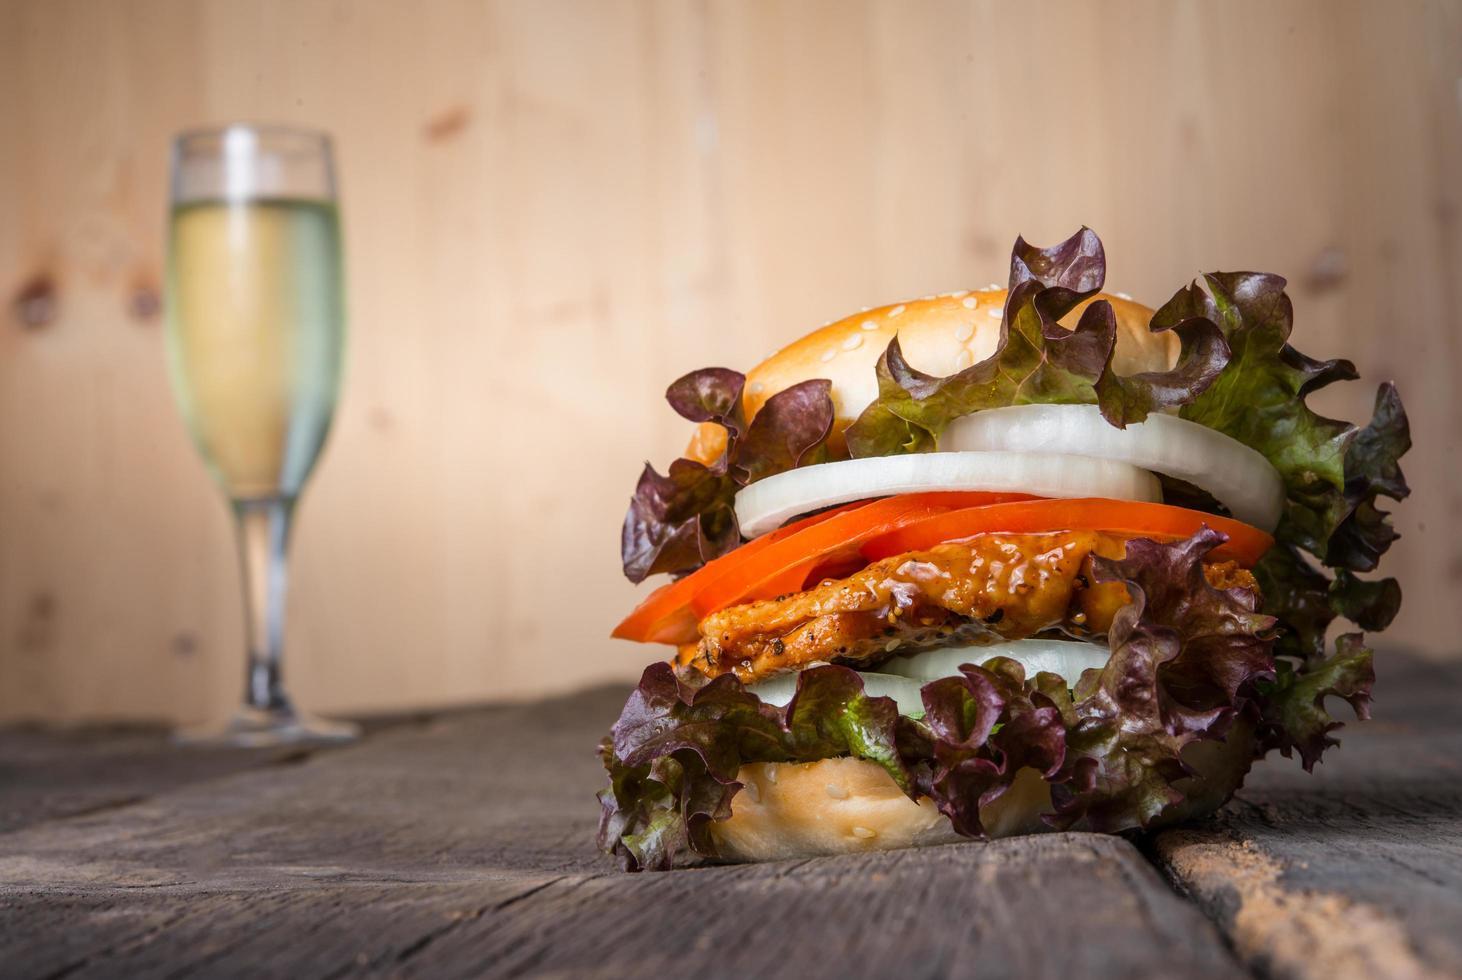 hamburguesa casera de pollo con champagne foto